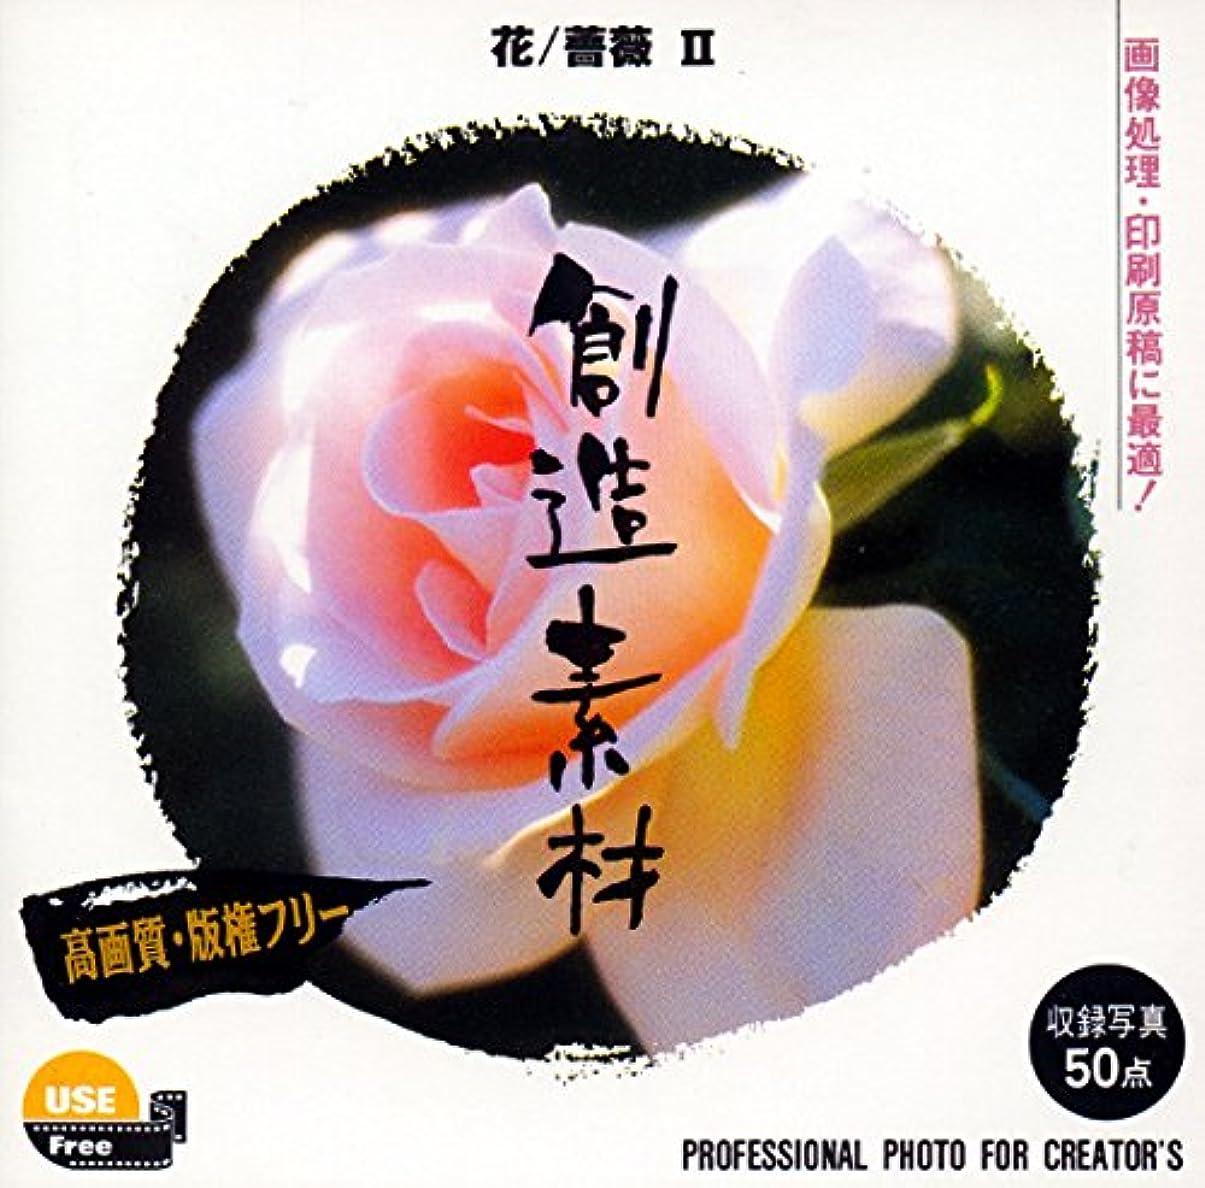 トライアスリートアグネスグレイあらゆる種類の創造素材 花/薔薇Vol.2